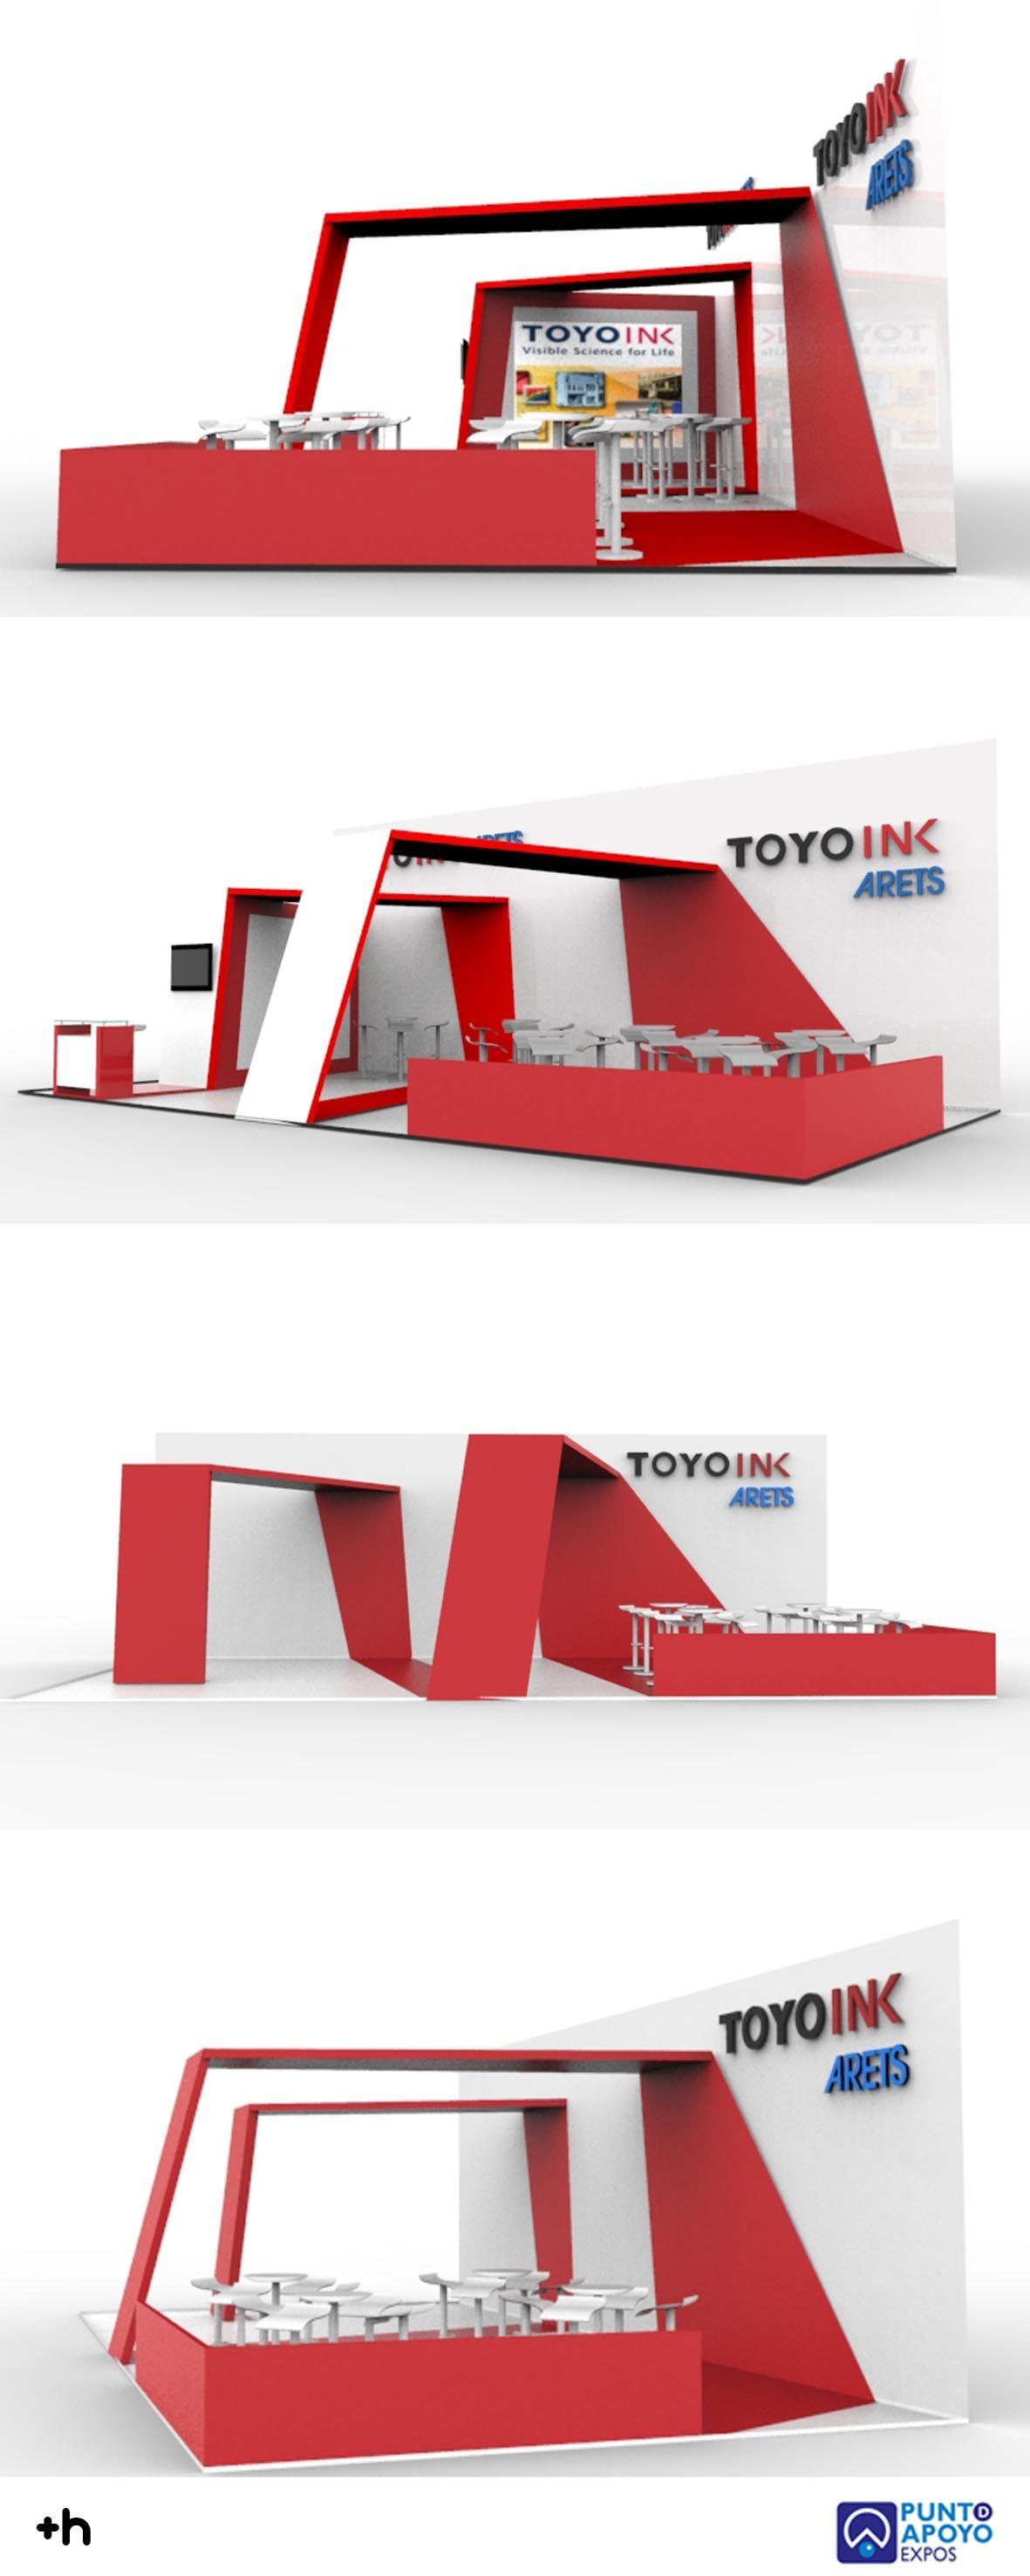 Exhibition Stands - PUNTO DE APOYO. puntodeapoyo.com.mx